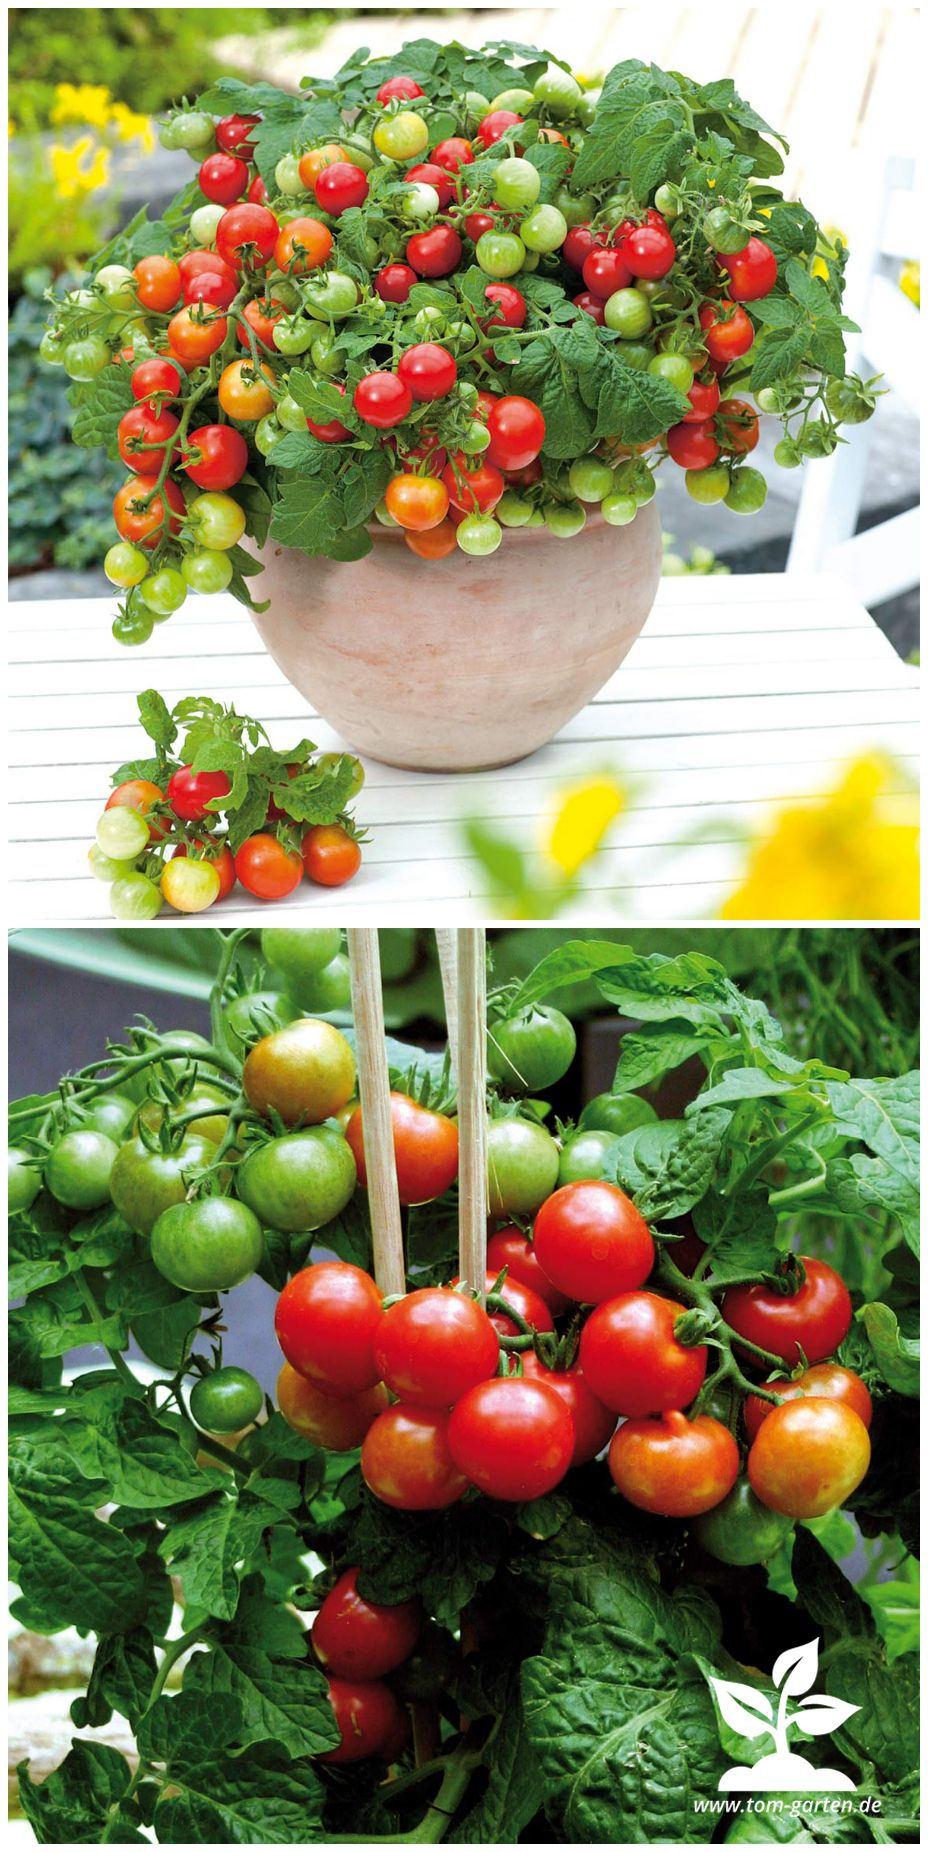 Mit Der Kompakten Tomate Primabell Konnt Ihr Leckere Fruchte Direkt Vom Balkon Naschen Den Ganzen Sommer Lang Pflanzen Tomaten Pflanzen Gemuse Anbauen